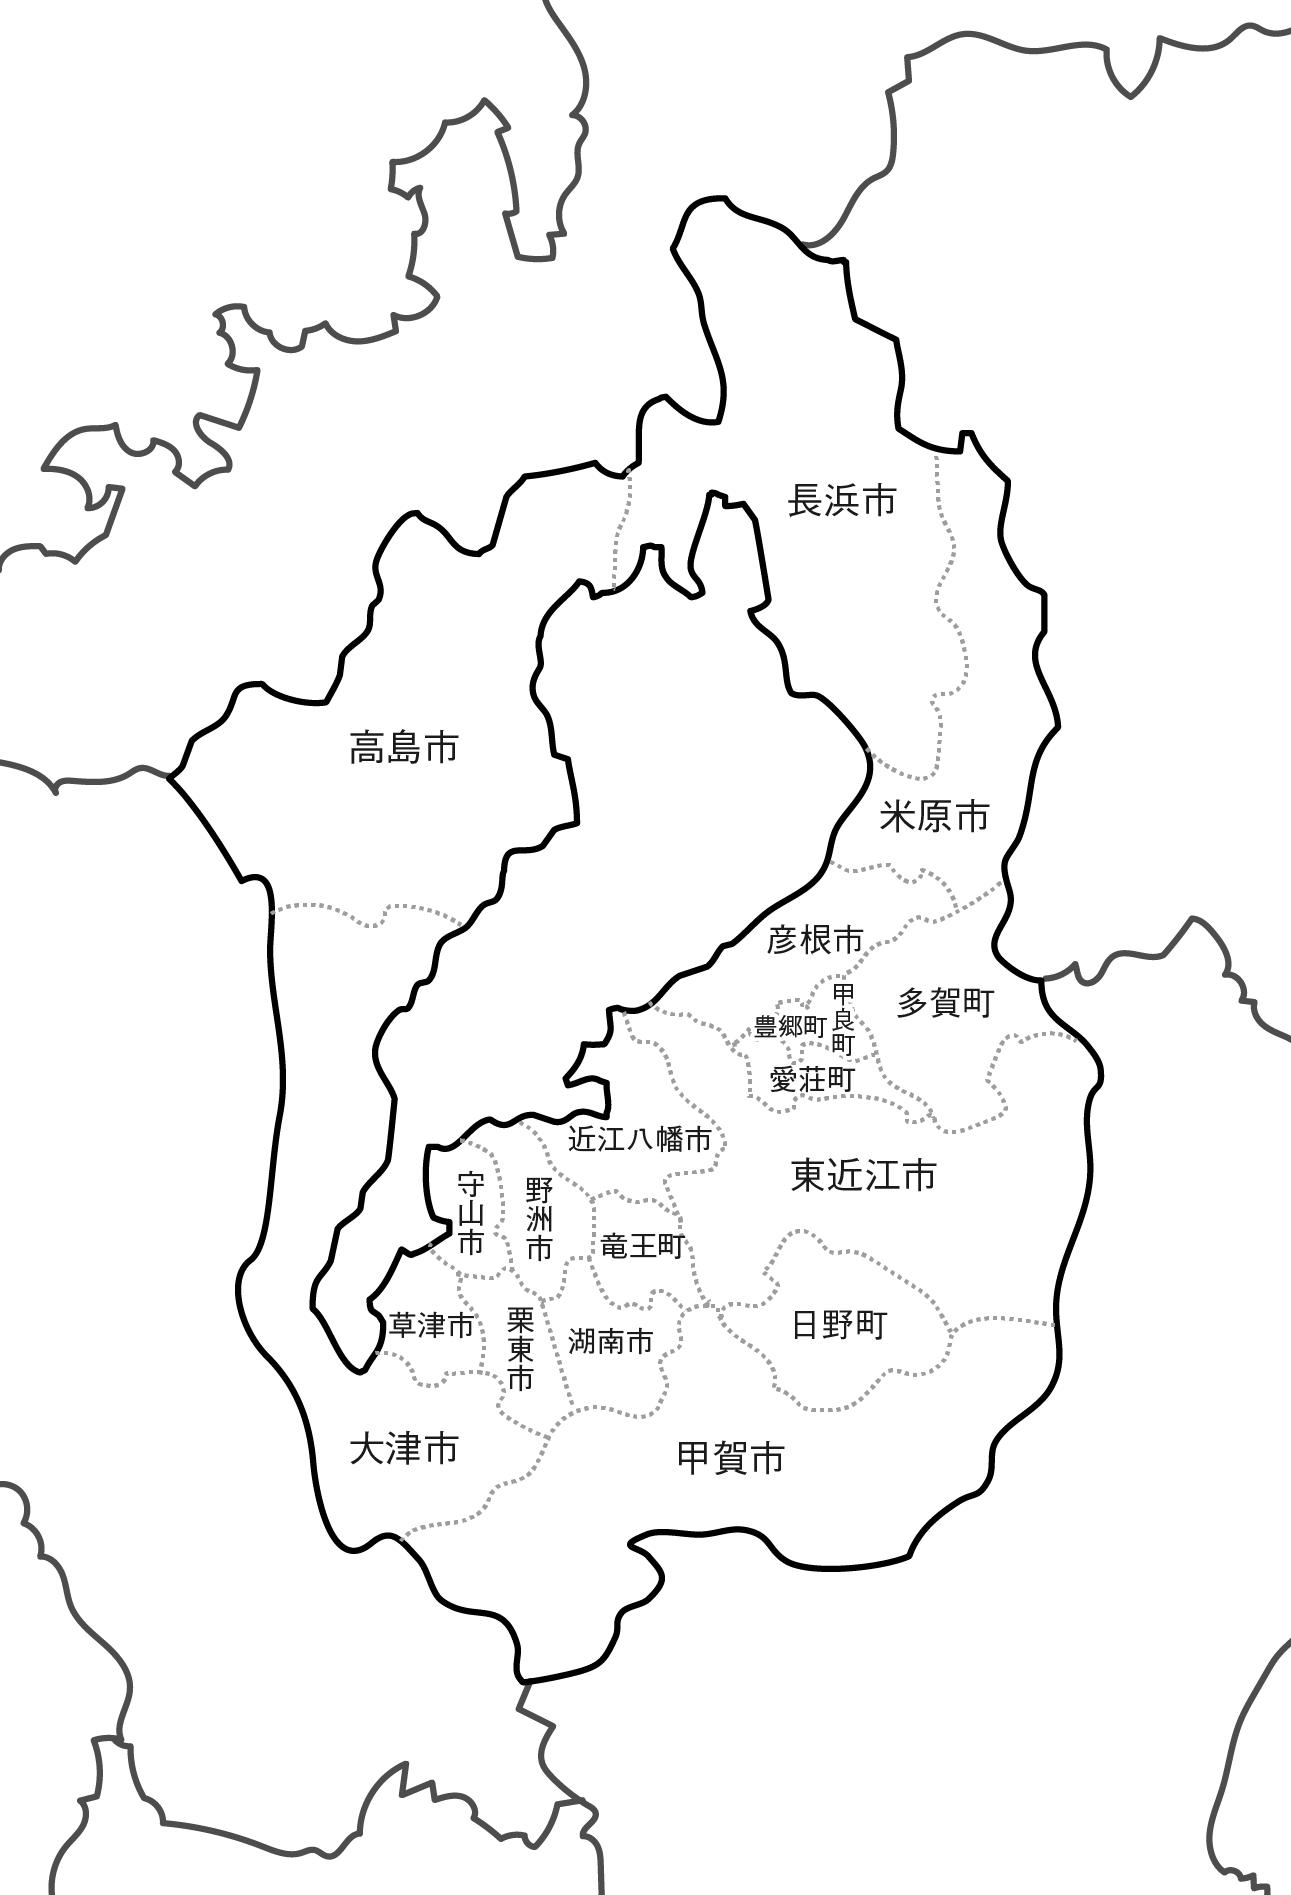 [白地図]滋賀県・ラインあり・市区町村名あり・隣県あり